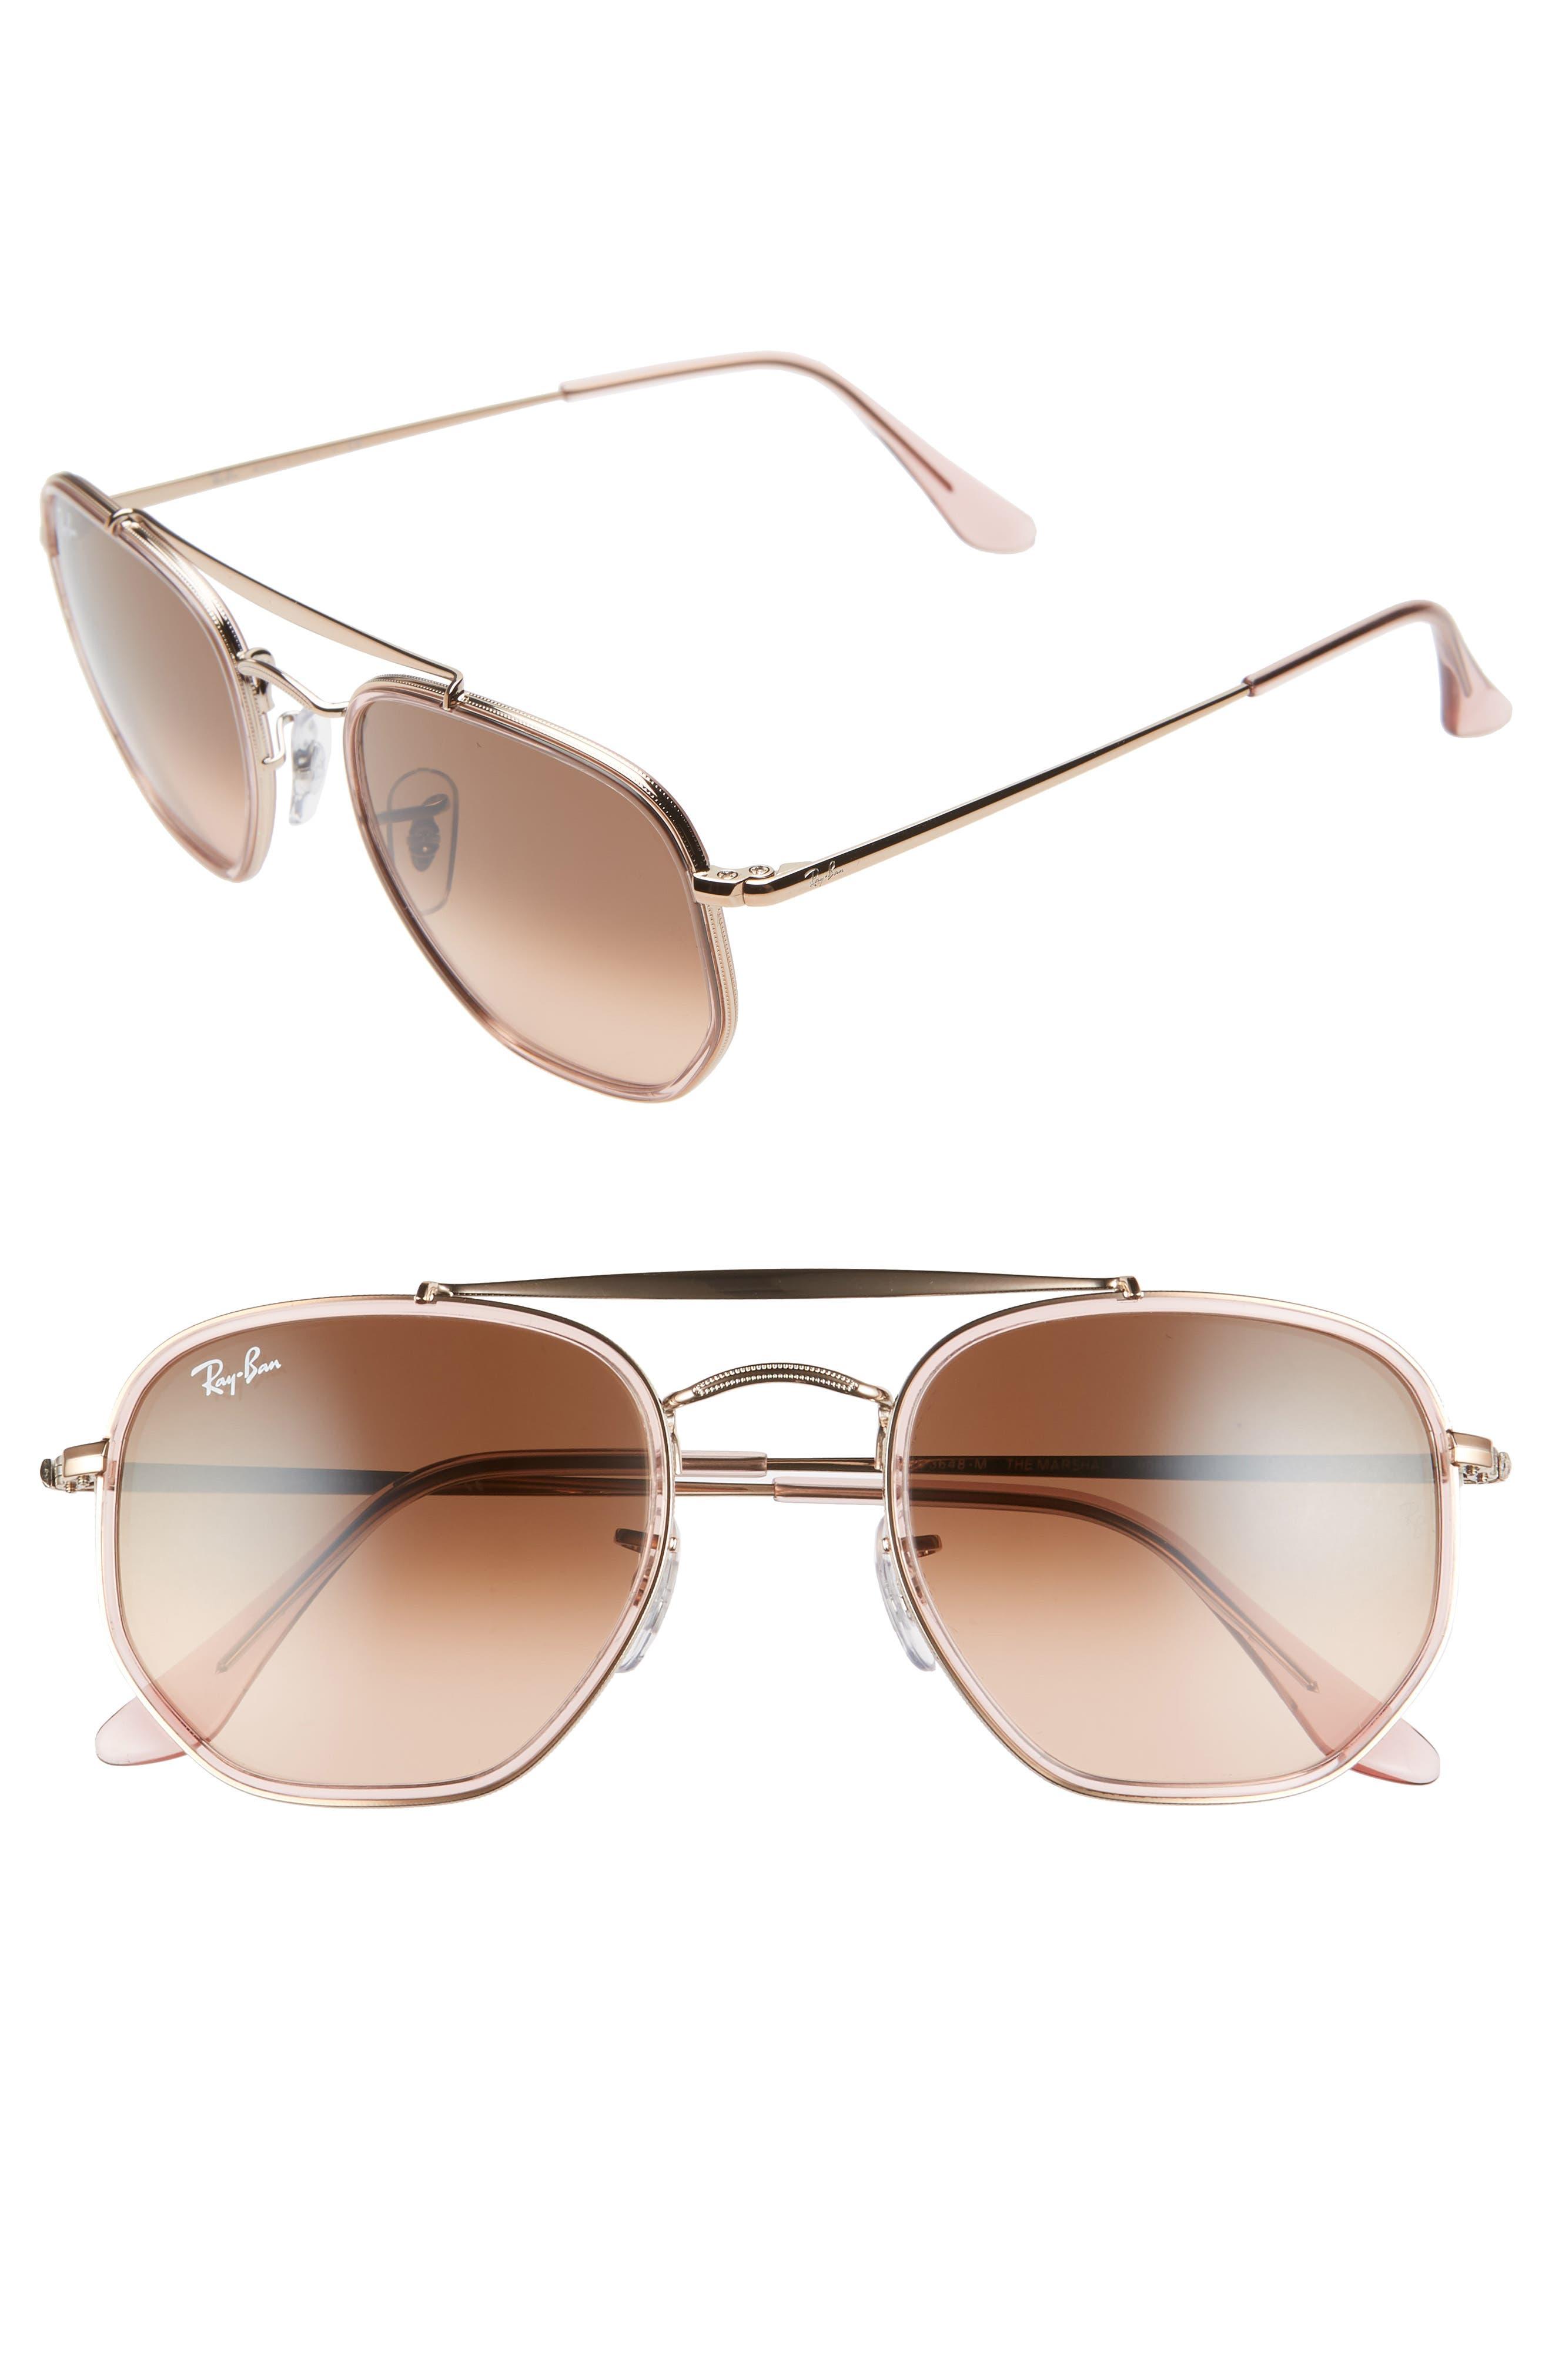 Ray-Ban 52Mm Aviator Sunglasses - Copper/ Copper Gradient